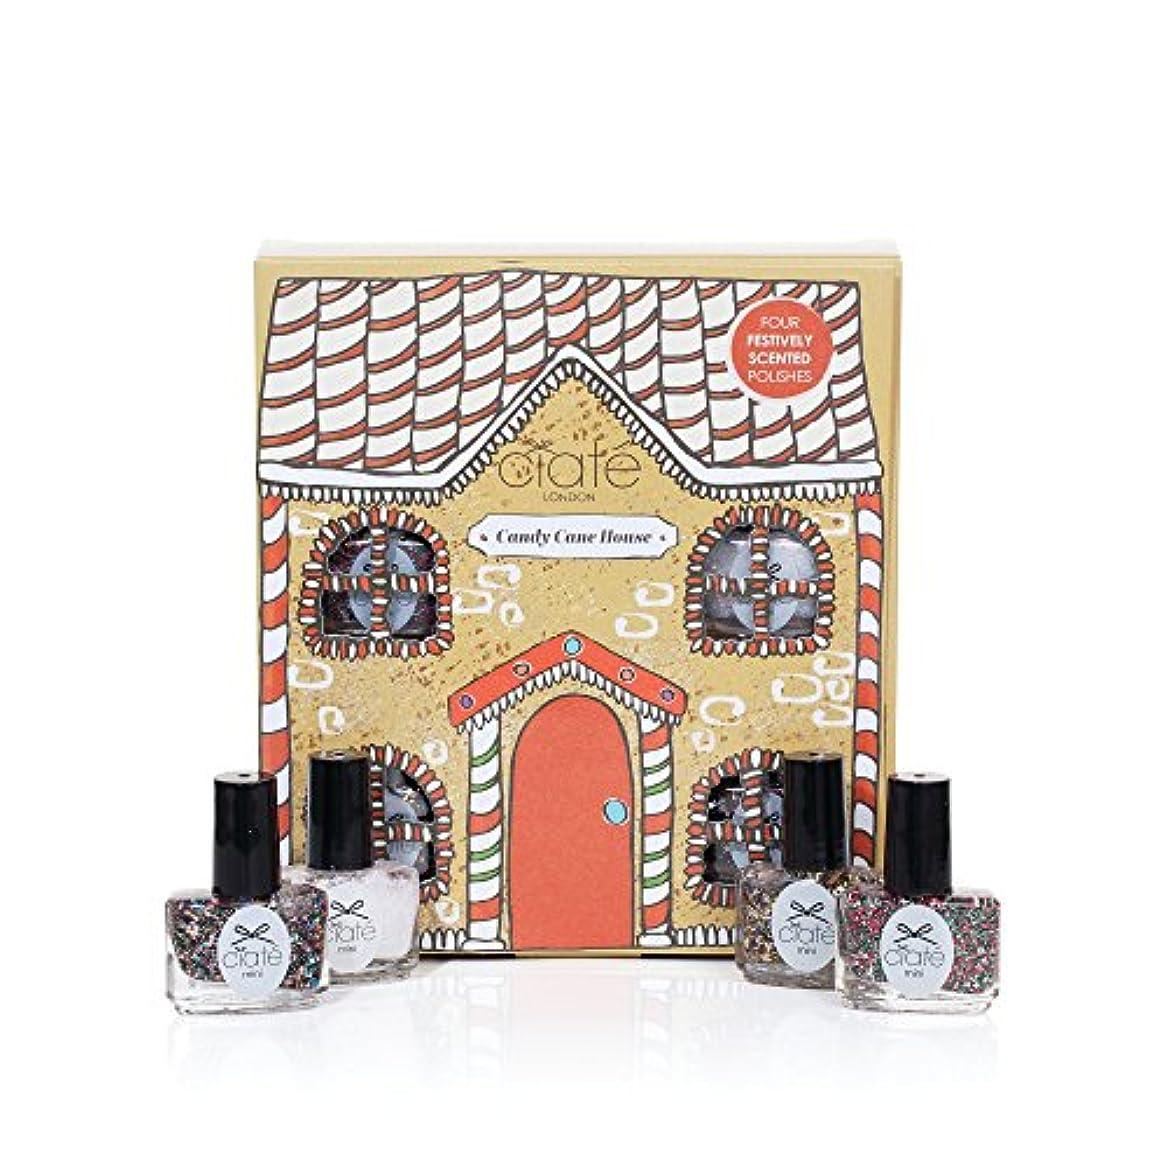 ロンドンキャベツ放出Ciate London シアテロンドン キャンディーケイン ハウス Candy Cane House 香り付き ネイル ポリッシュ 5mL×4本入りセット